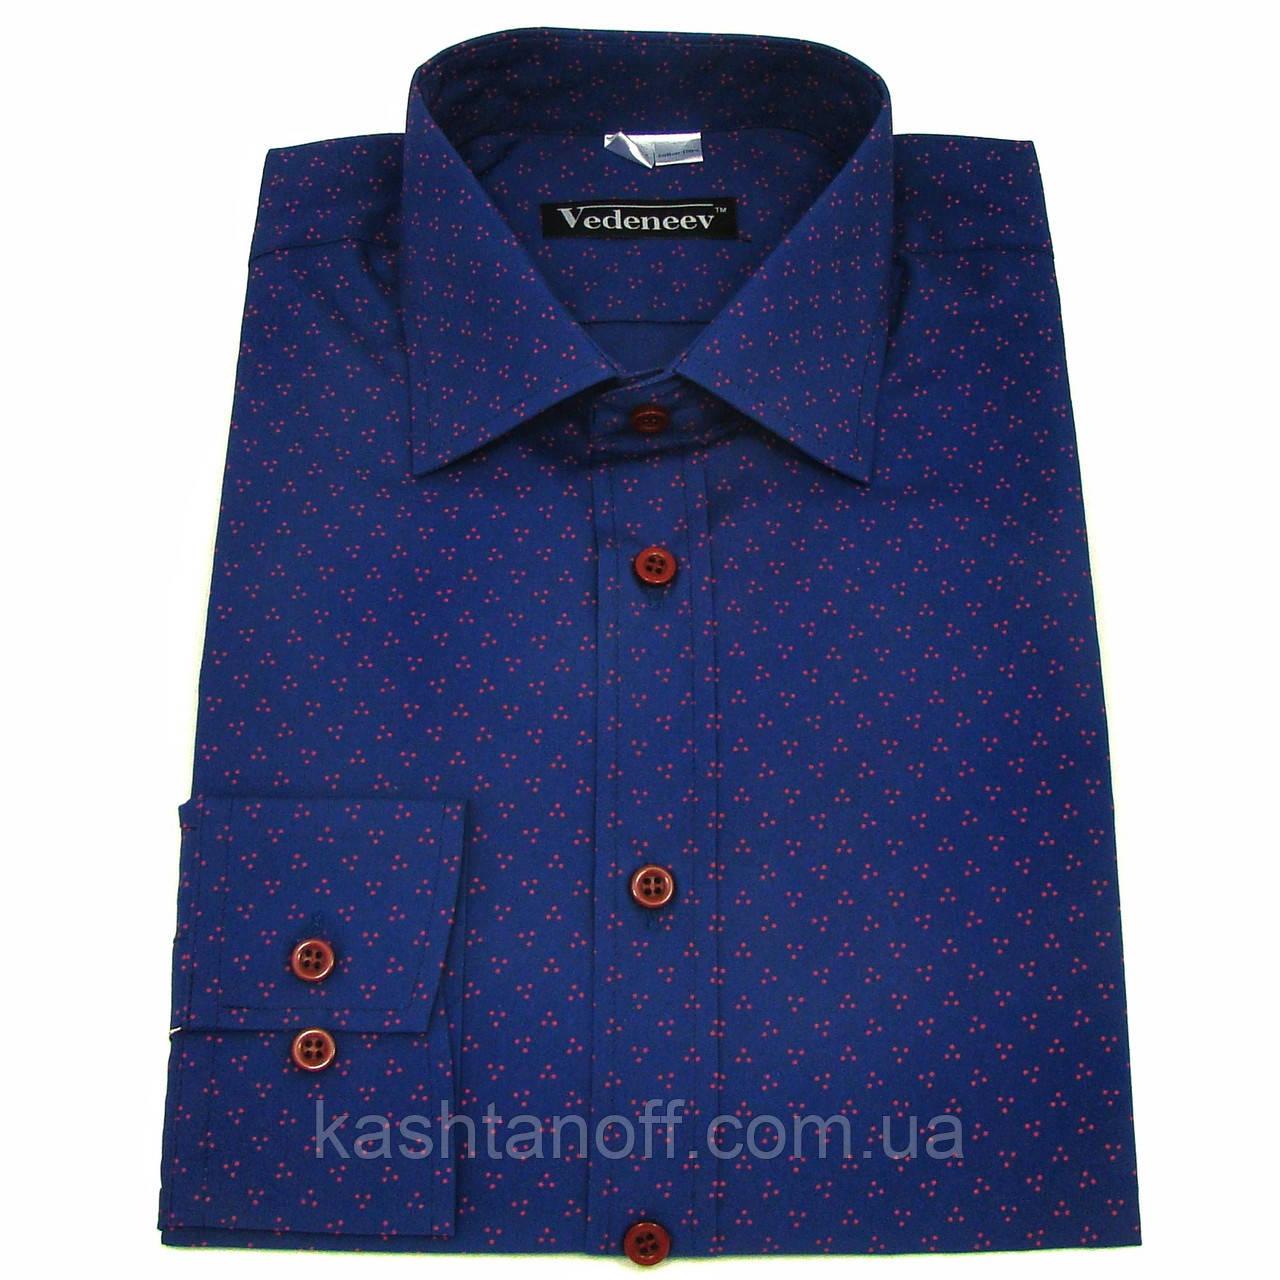 Стильная мужская рубашка полуприталенного фасона синего цвета в красную точку